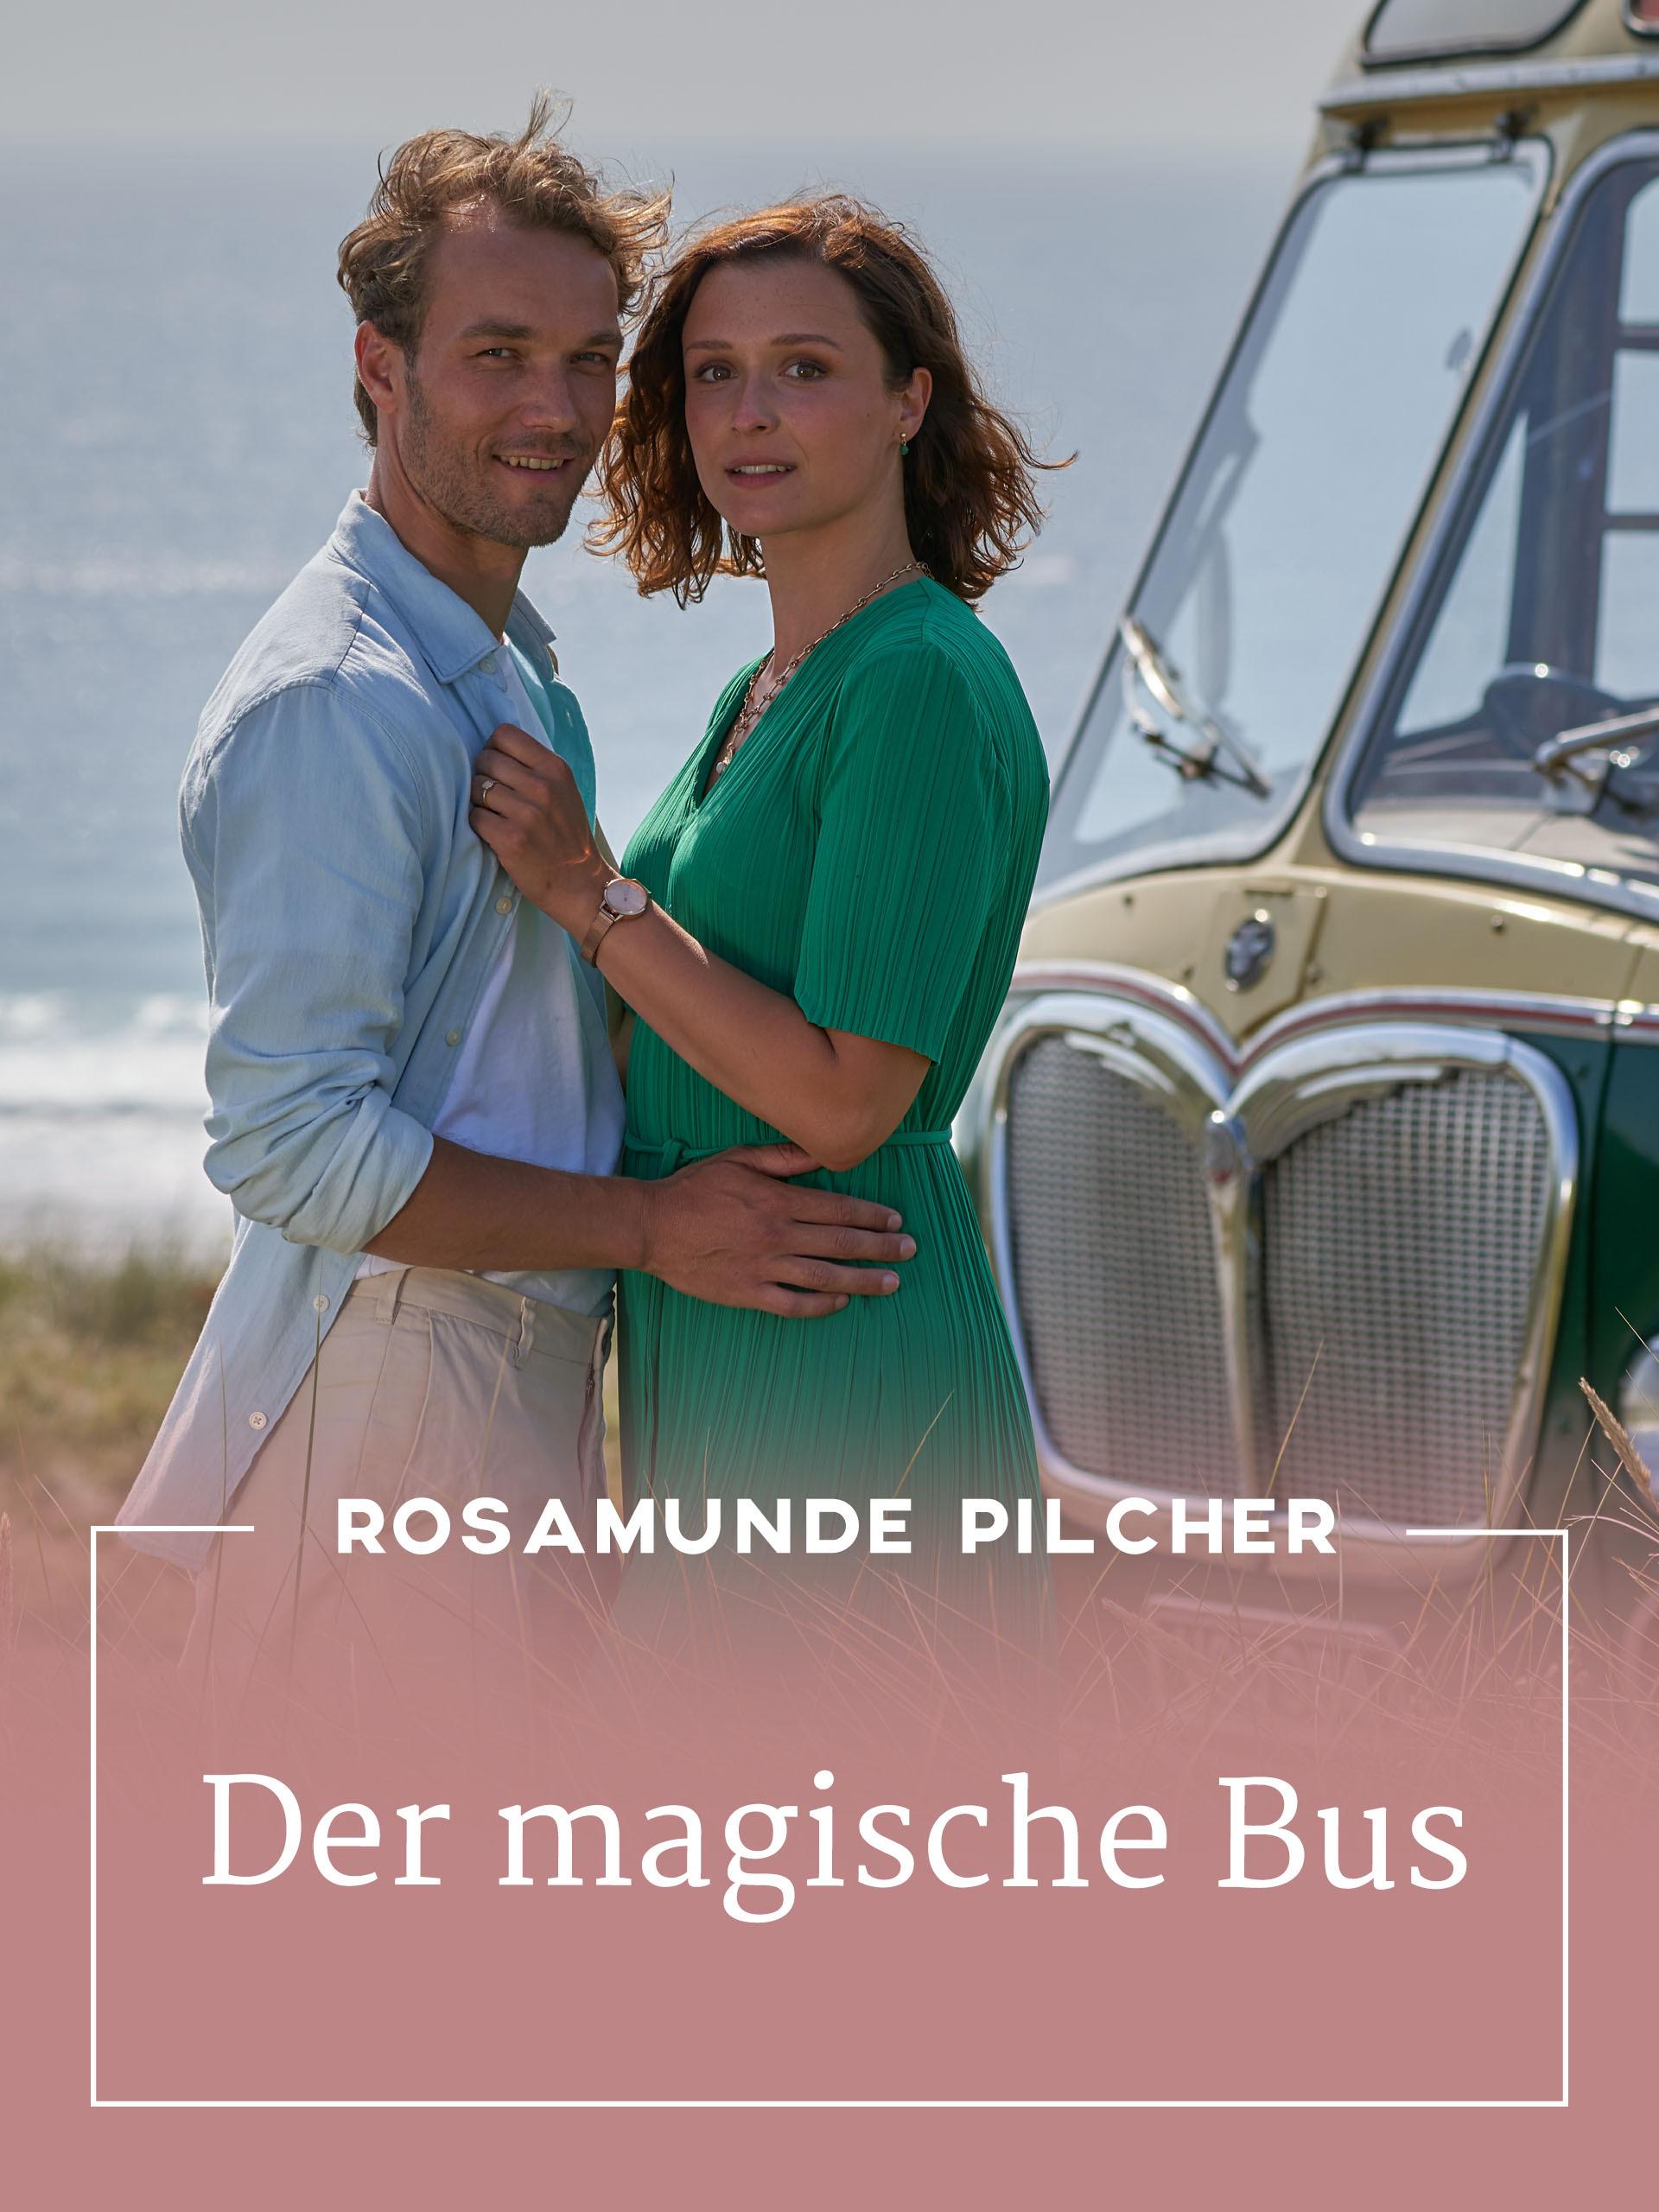 Rosamunde Pilcher - Der magische Bus